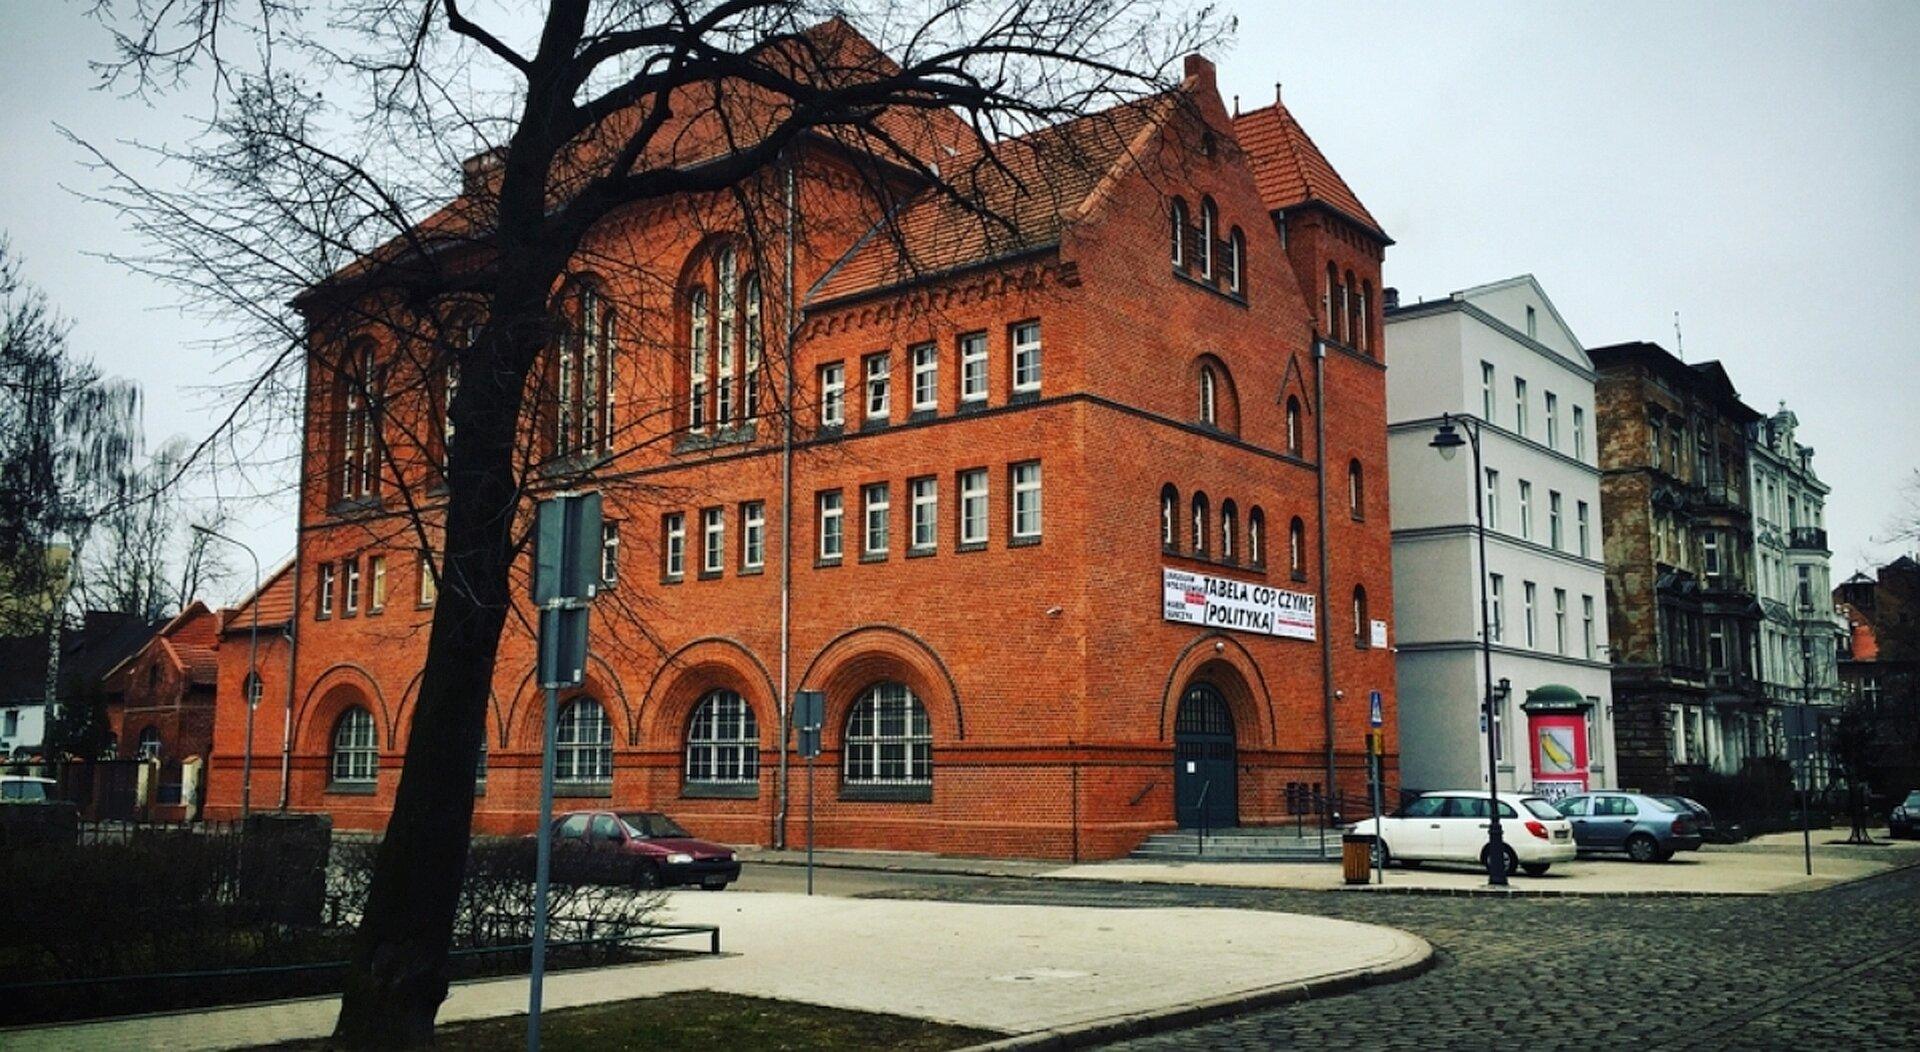 """Ilustracja przedstawia Centrum Nauki Współczesnej """"Łaźnia"""" wGdańsku. Na zdjęciu ukazany jest wysoki budynek, na planie prostokąta zczerwonej cegły. Na parterze znajduje się pięć dużych okien oraz dwuskrzydłowe drzwi. Zarówno drzwi jak iokna zwieńczone są łukami. Nad parterowymi oknami umieszczono rząd małych, prostokątnych okienek, nad którymi wznoszą się kolejne wysokie na dwie kondygnacje, trójdzielne okna zwieńczone łukiem. We frontowej części budowli, nad drzwiami znajdują się trzy rzędy łukowatych okienek. Bryła Centrum przykryta jest kilkoma czerwonymi dachami zceramiczną dachówką. Budynek ustawiony jest wprzestrzeni miejskiej. Za budowlą znajduje się rząd kamieniczek, natomiast przed nią wybrukowana szarą kostką uliczka."""